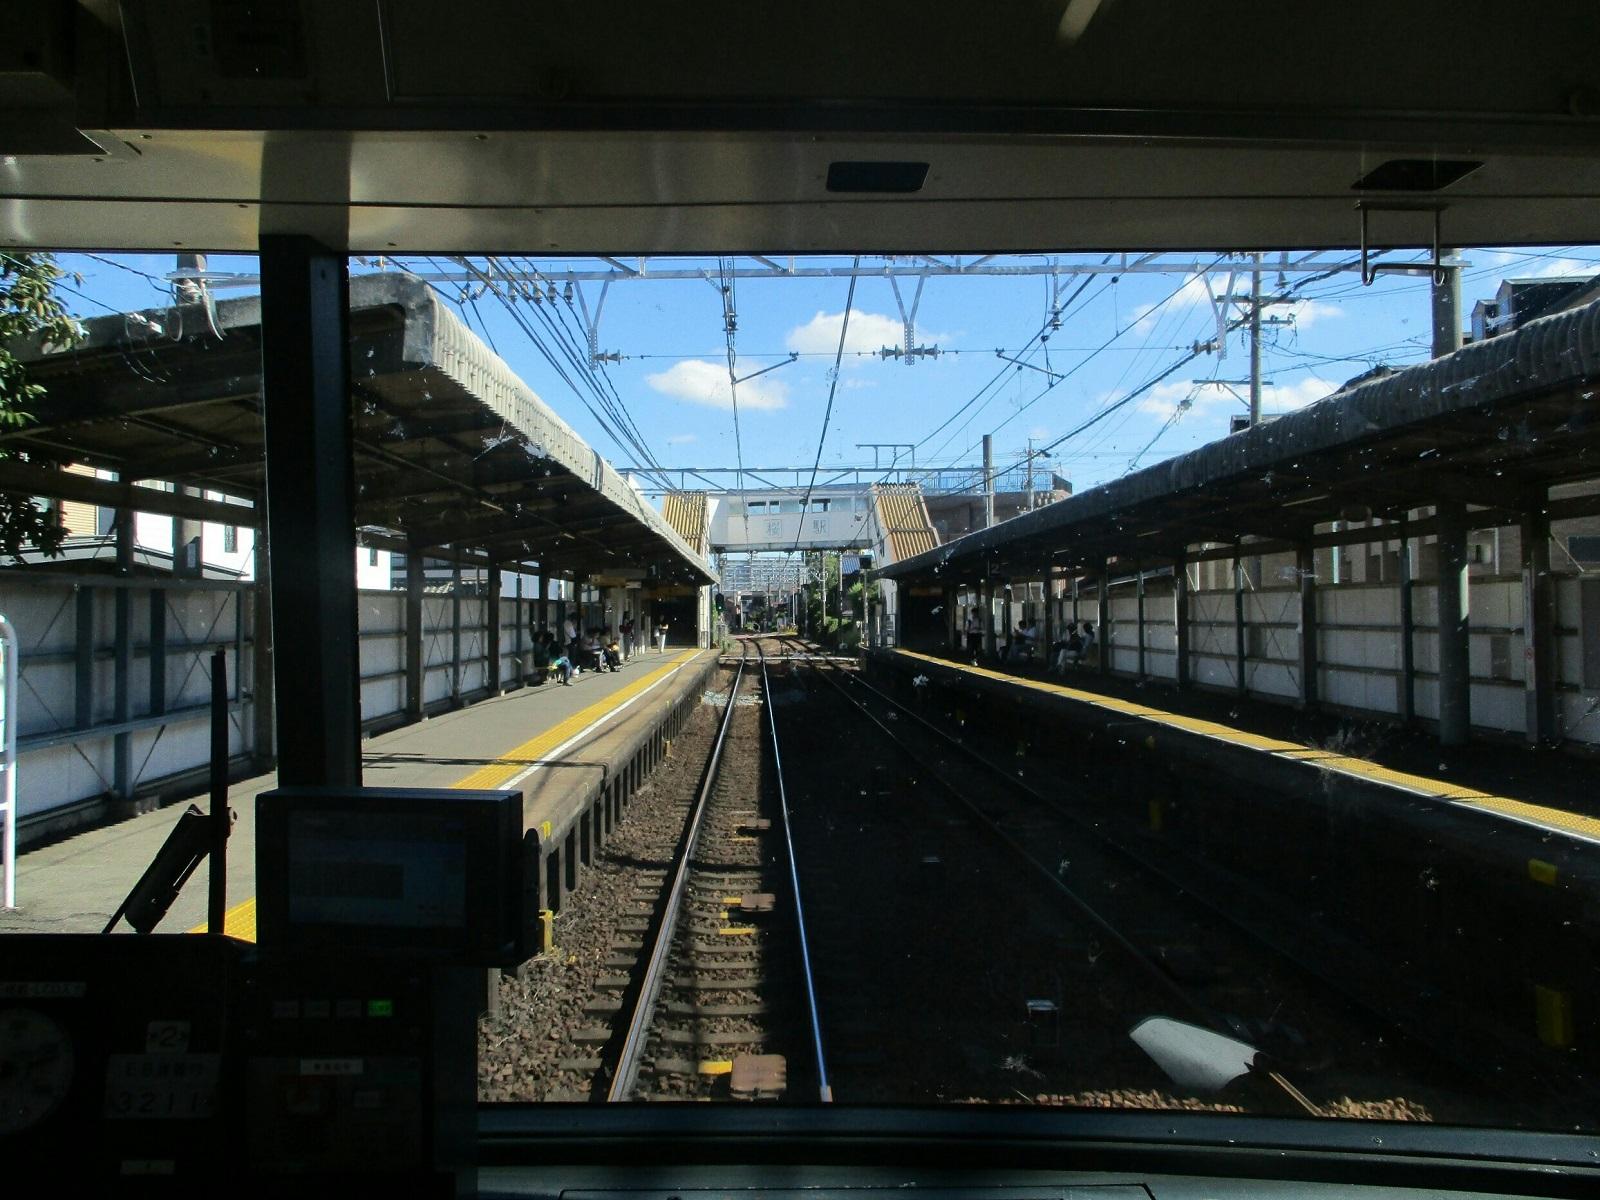 2018.8.9 (25) 須ヶ口いき特急 - 桜 1600-1200